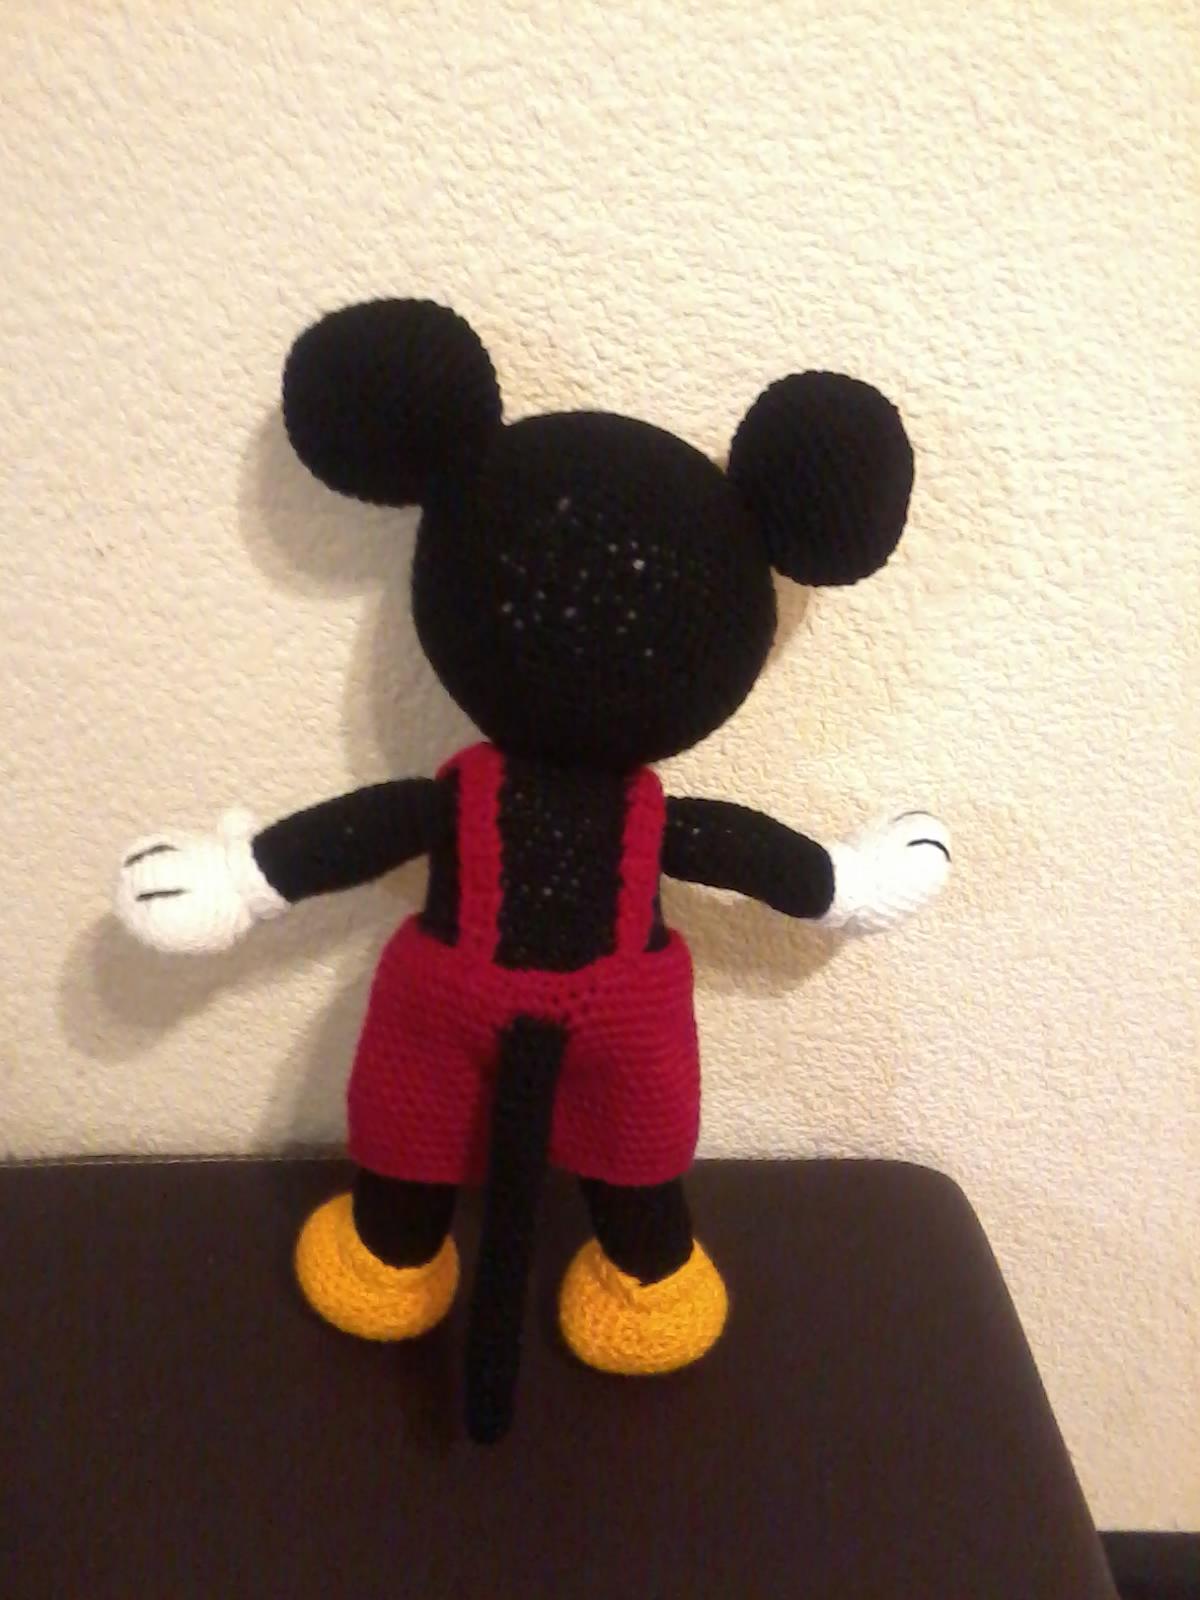 Patron Mickey Mouse Amigurumi Gratis : NOVEDADES JENPOALI: PATRON MICKEY MOUSE AMIGURUMI (2) (DISNEY)